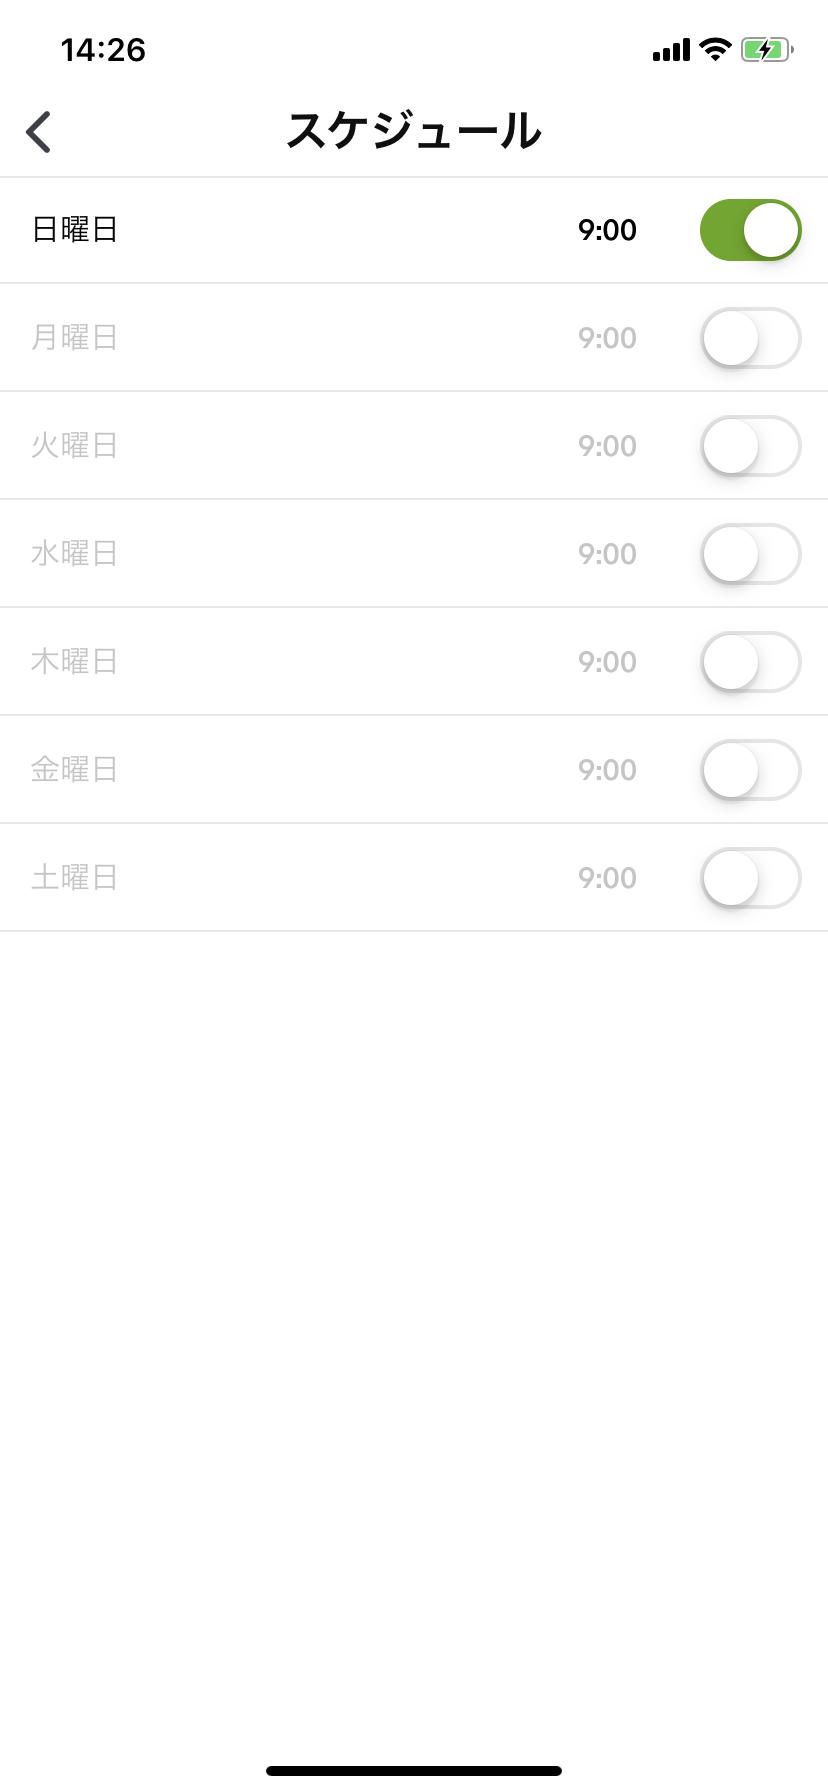 ルンバのスマホアプリ時間指定